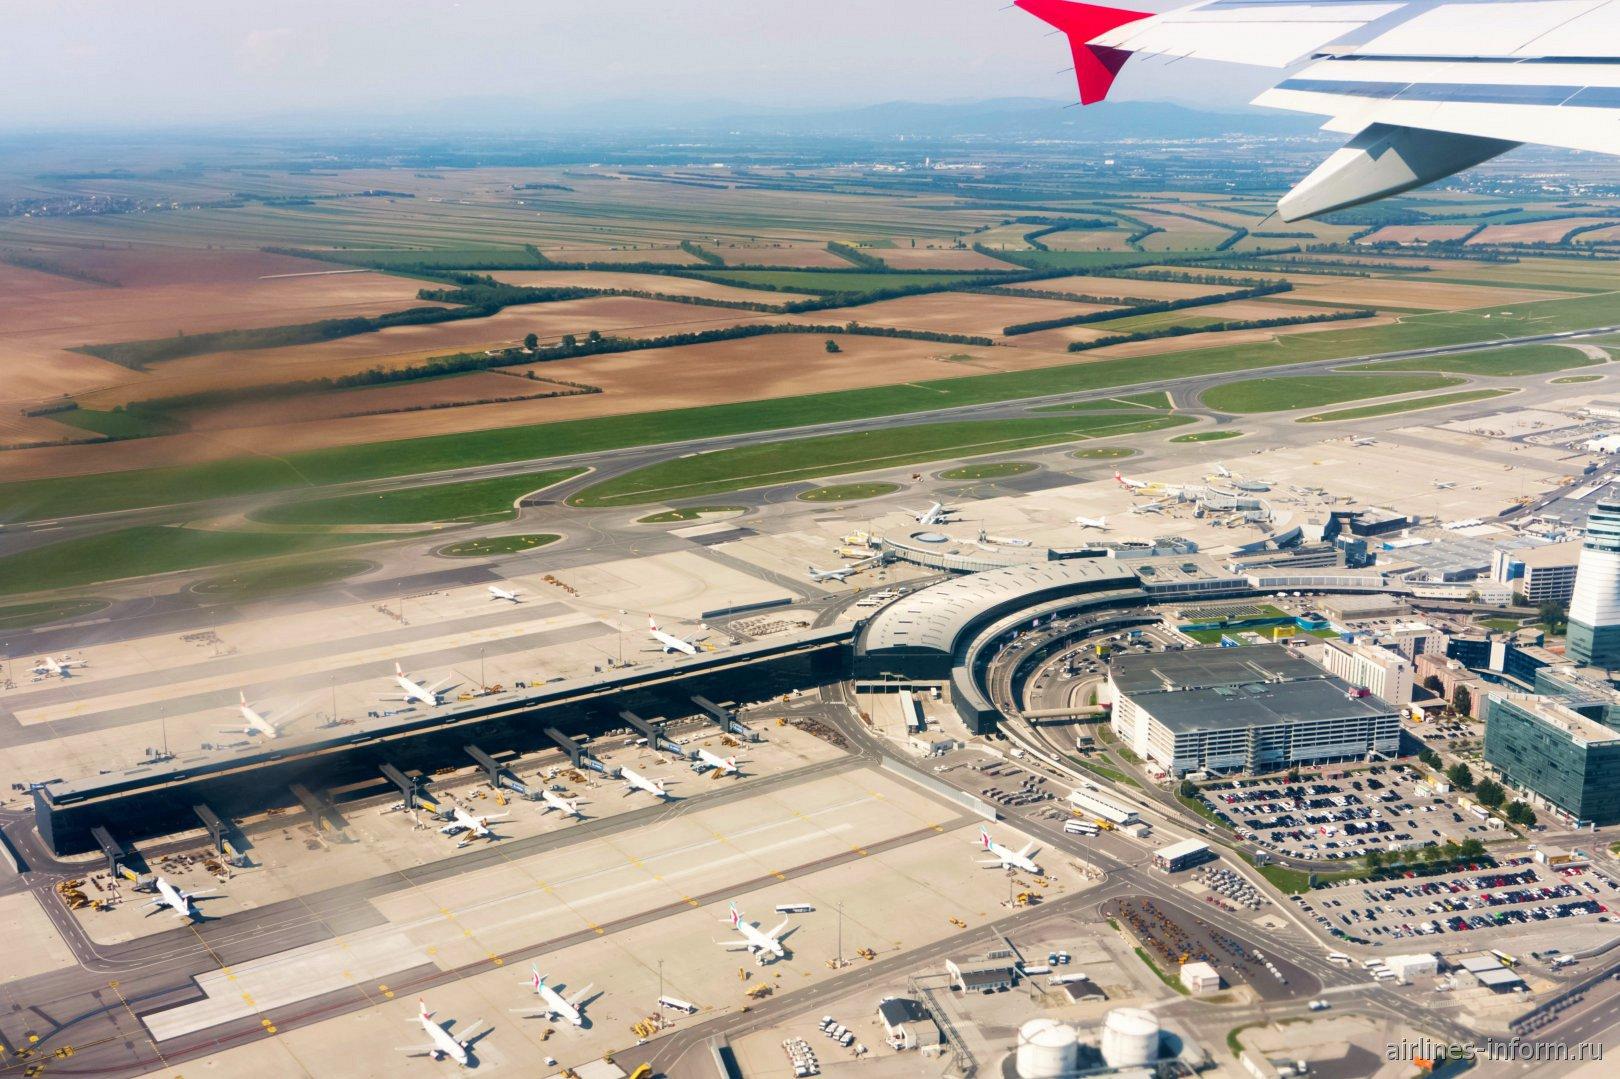 Аэропорт Вена Швехат